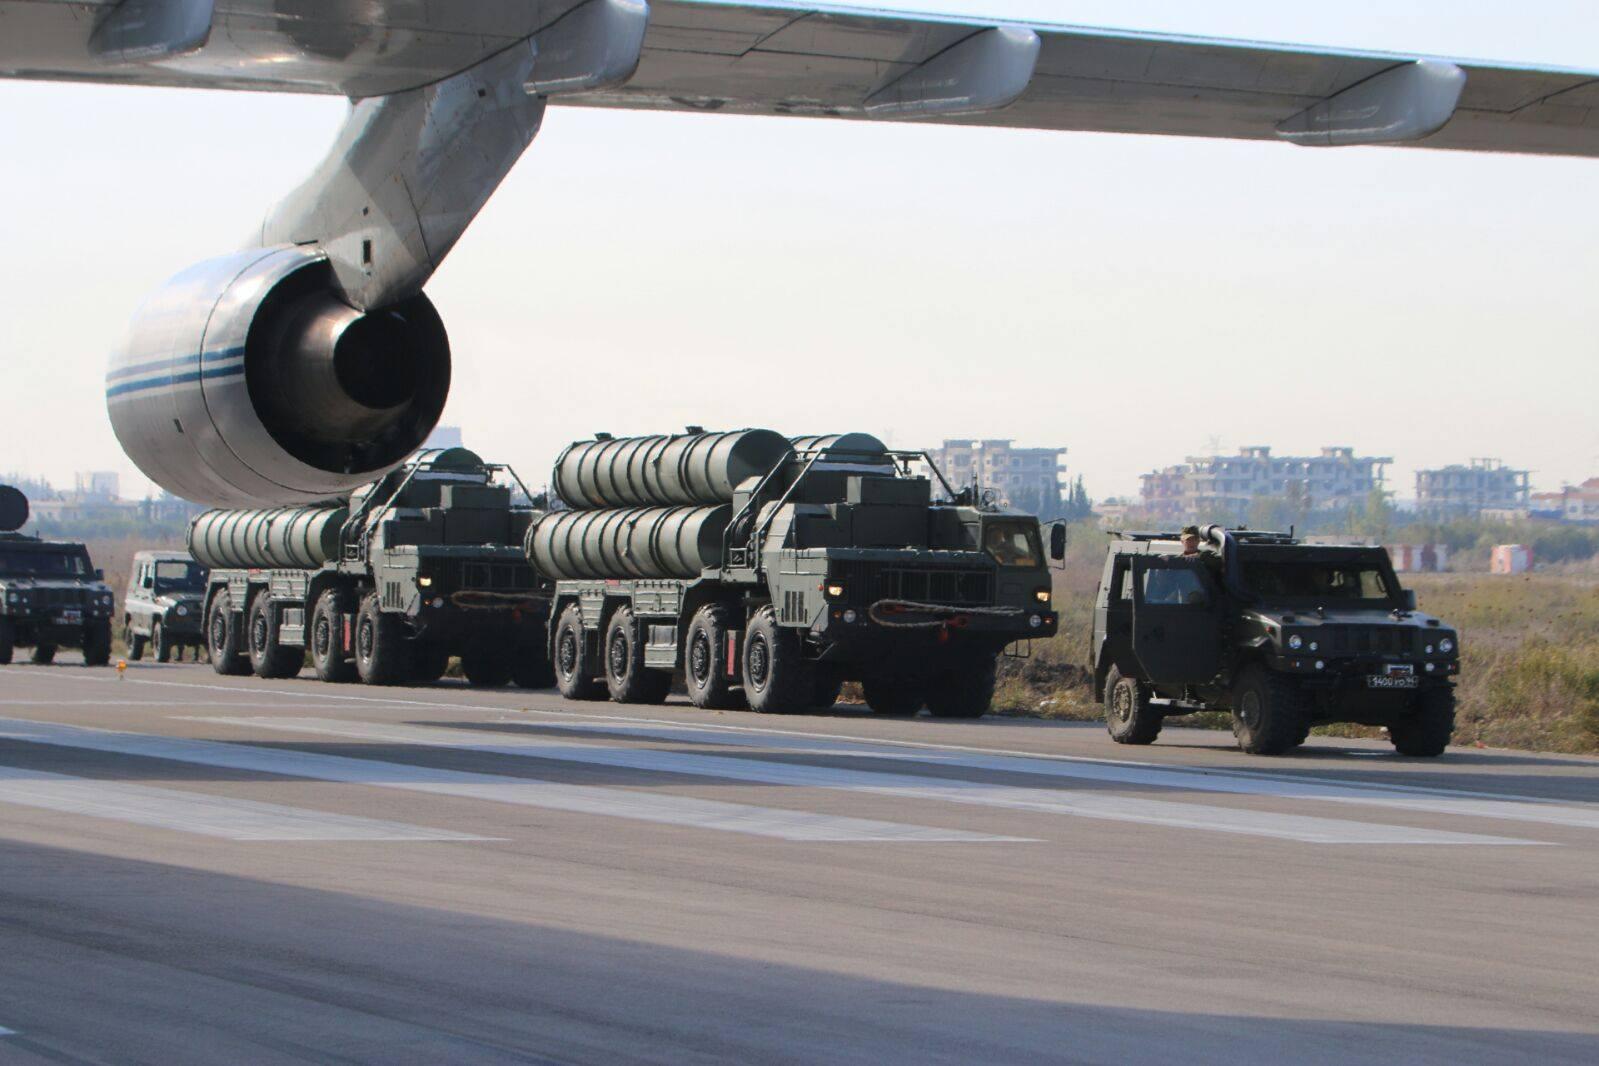 Пусковые установки 5П85СЕ2 российской зенитной ракетной системы С-400 на авиабазе Хмеймим в Сирии, ноябрь 2015 года.